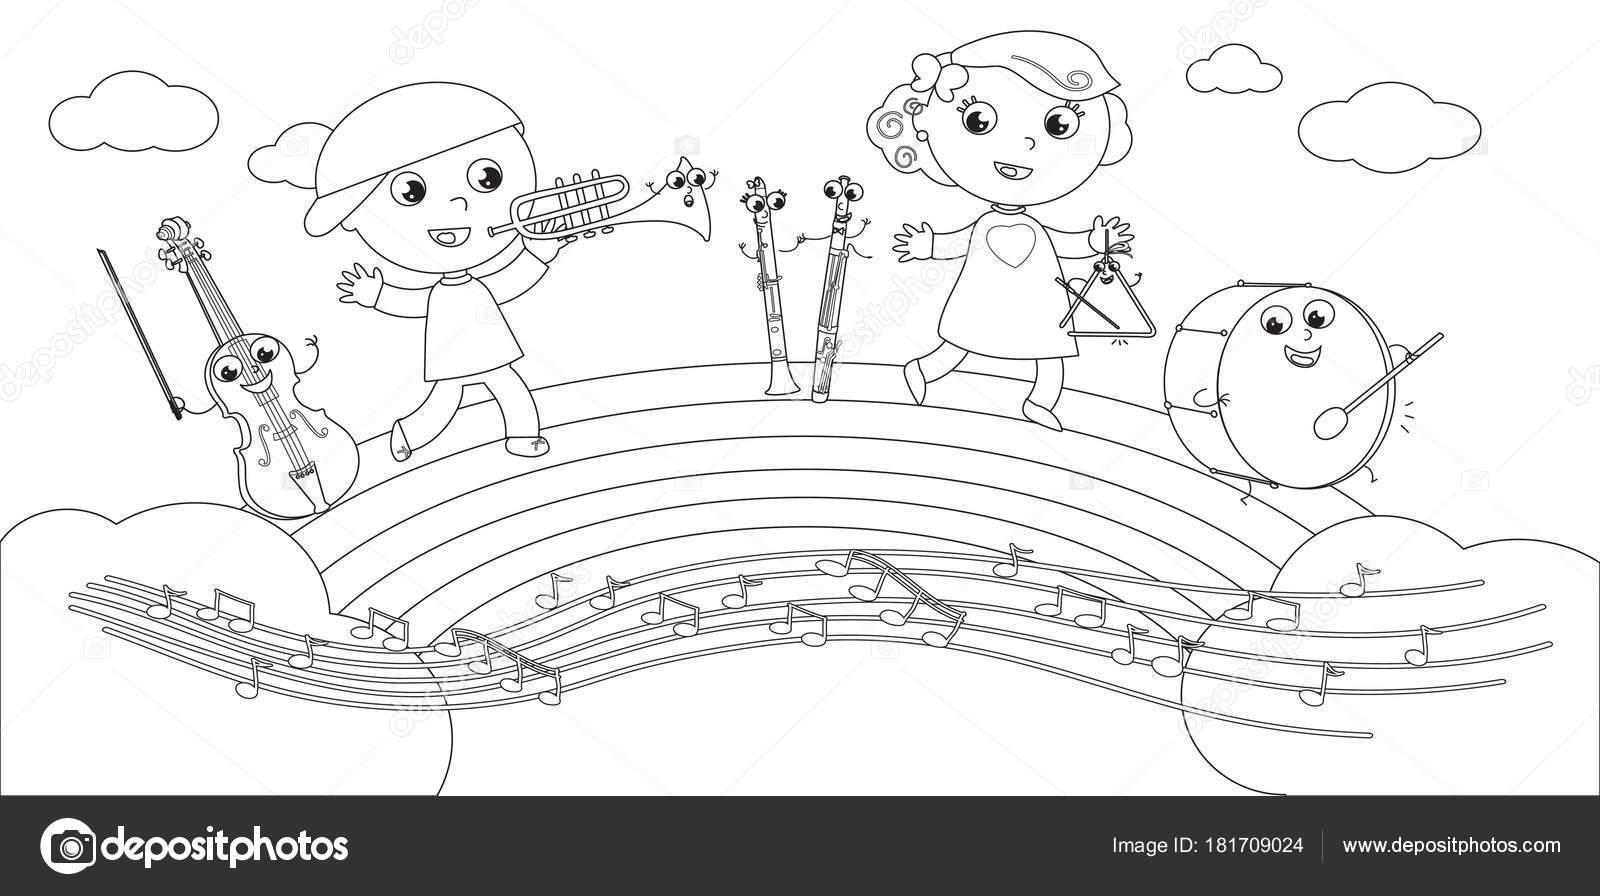 Disegno Da Colorare Bambini Che Giocano.Disegni E Di Bambini Disegni Da Colorare Strumenti E